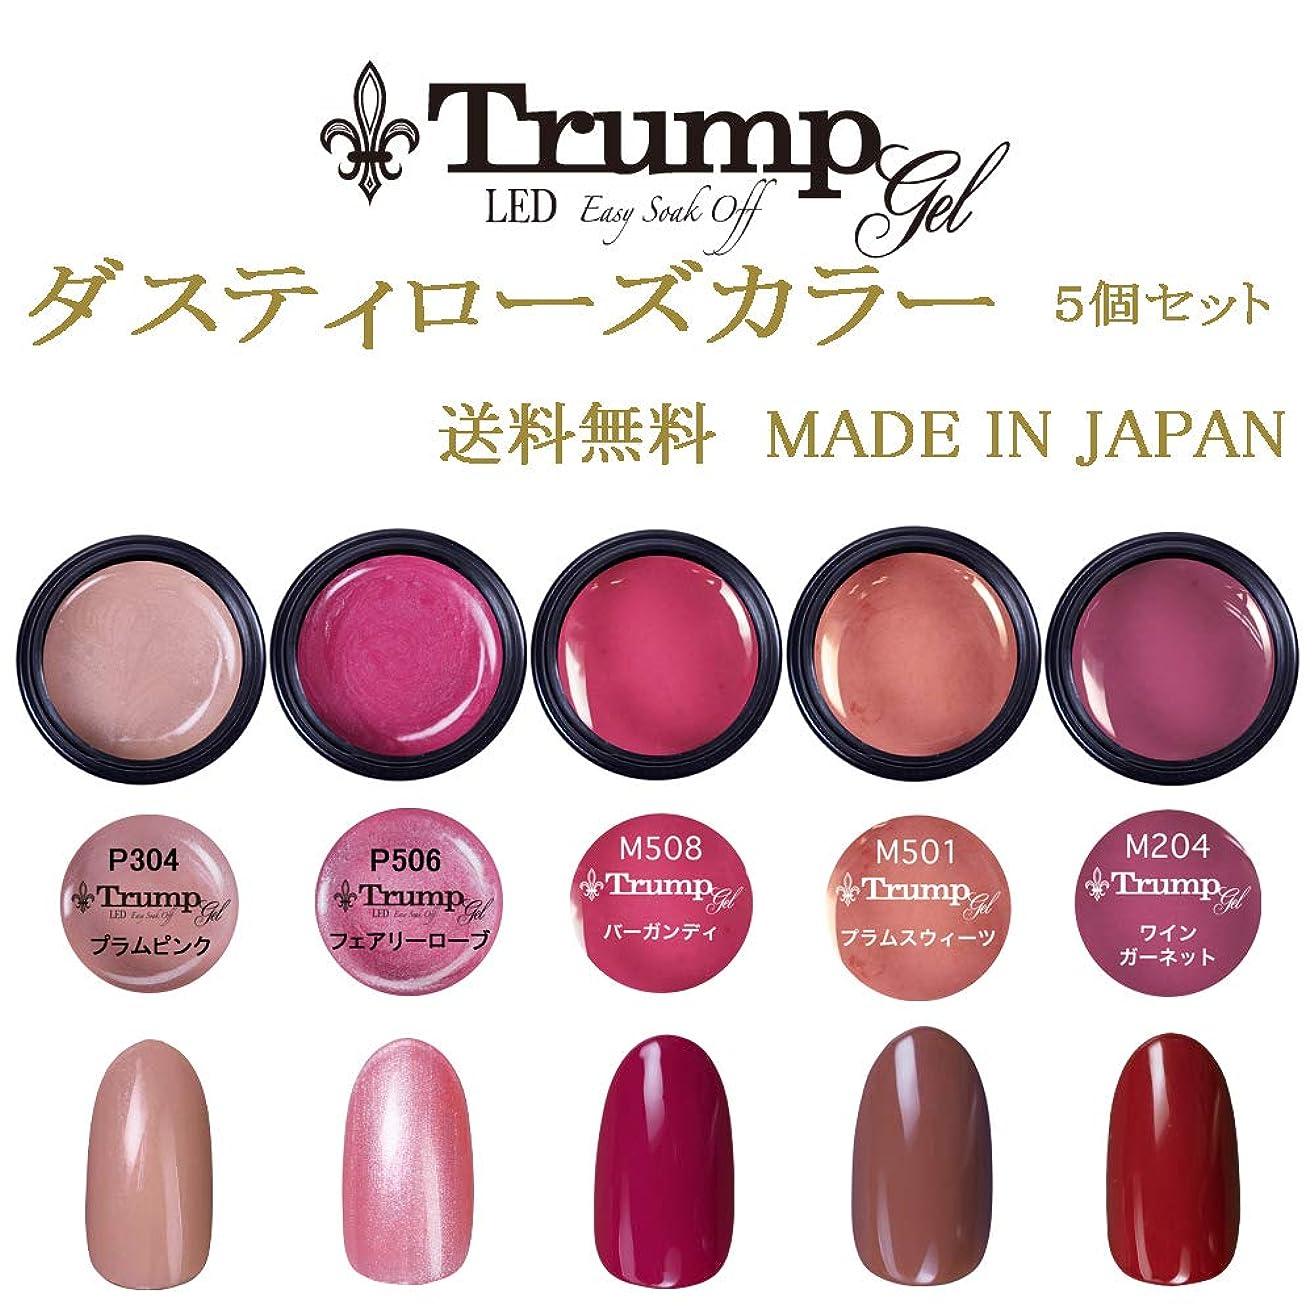 混雑バリア明日【送料無料】日本製 Trump gel トランプジェル ダスティローズカラージェル 5個セット スタイリッシュでオシャレな 白べっ甲カラージェルセット